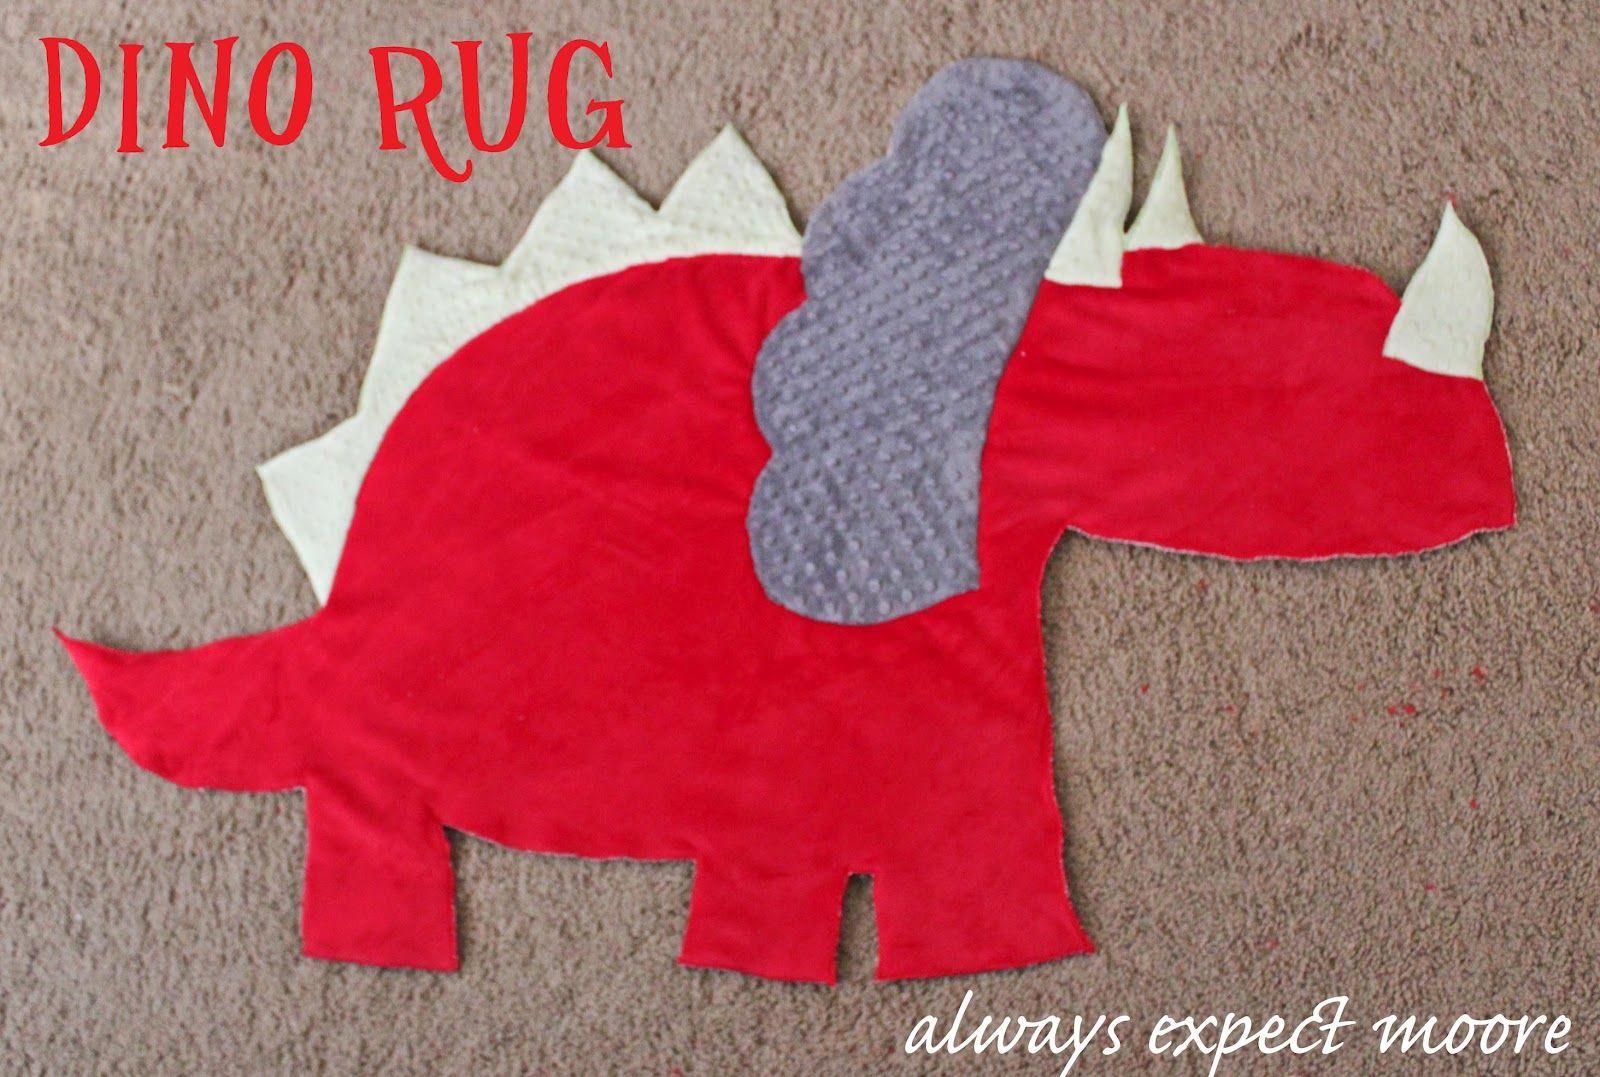 Expect Moore Dinosaur Rug As Nursery Decor Dinosaur Rug Diy Dinosaur Decor Rugs